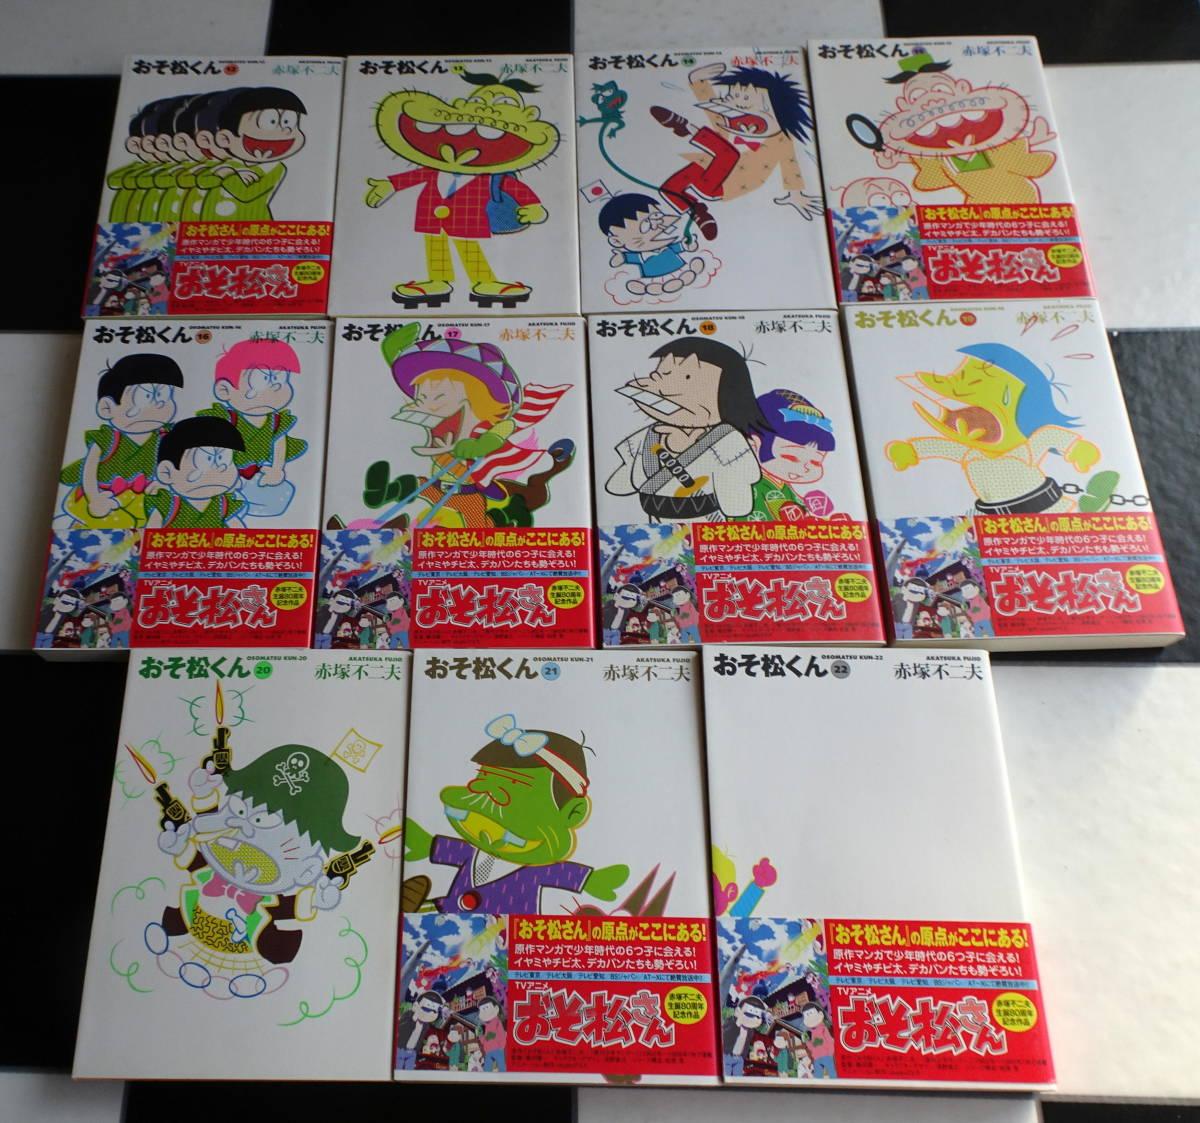 【文庫版】おそ松くん 1-22巻(全巻完結)セット 赤塚不二夫 六つ子の松野兄弟やその周囲の人間たちが織りなすドタバタを描いたギャグ漫画